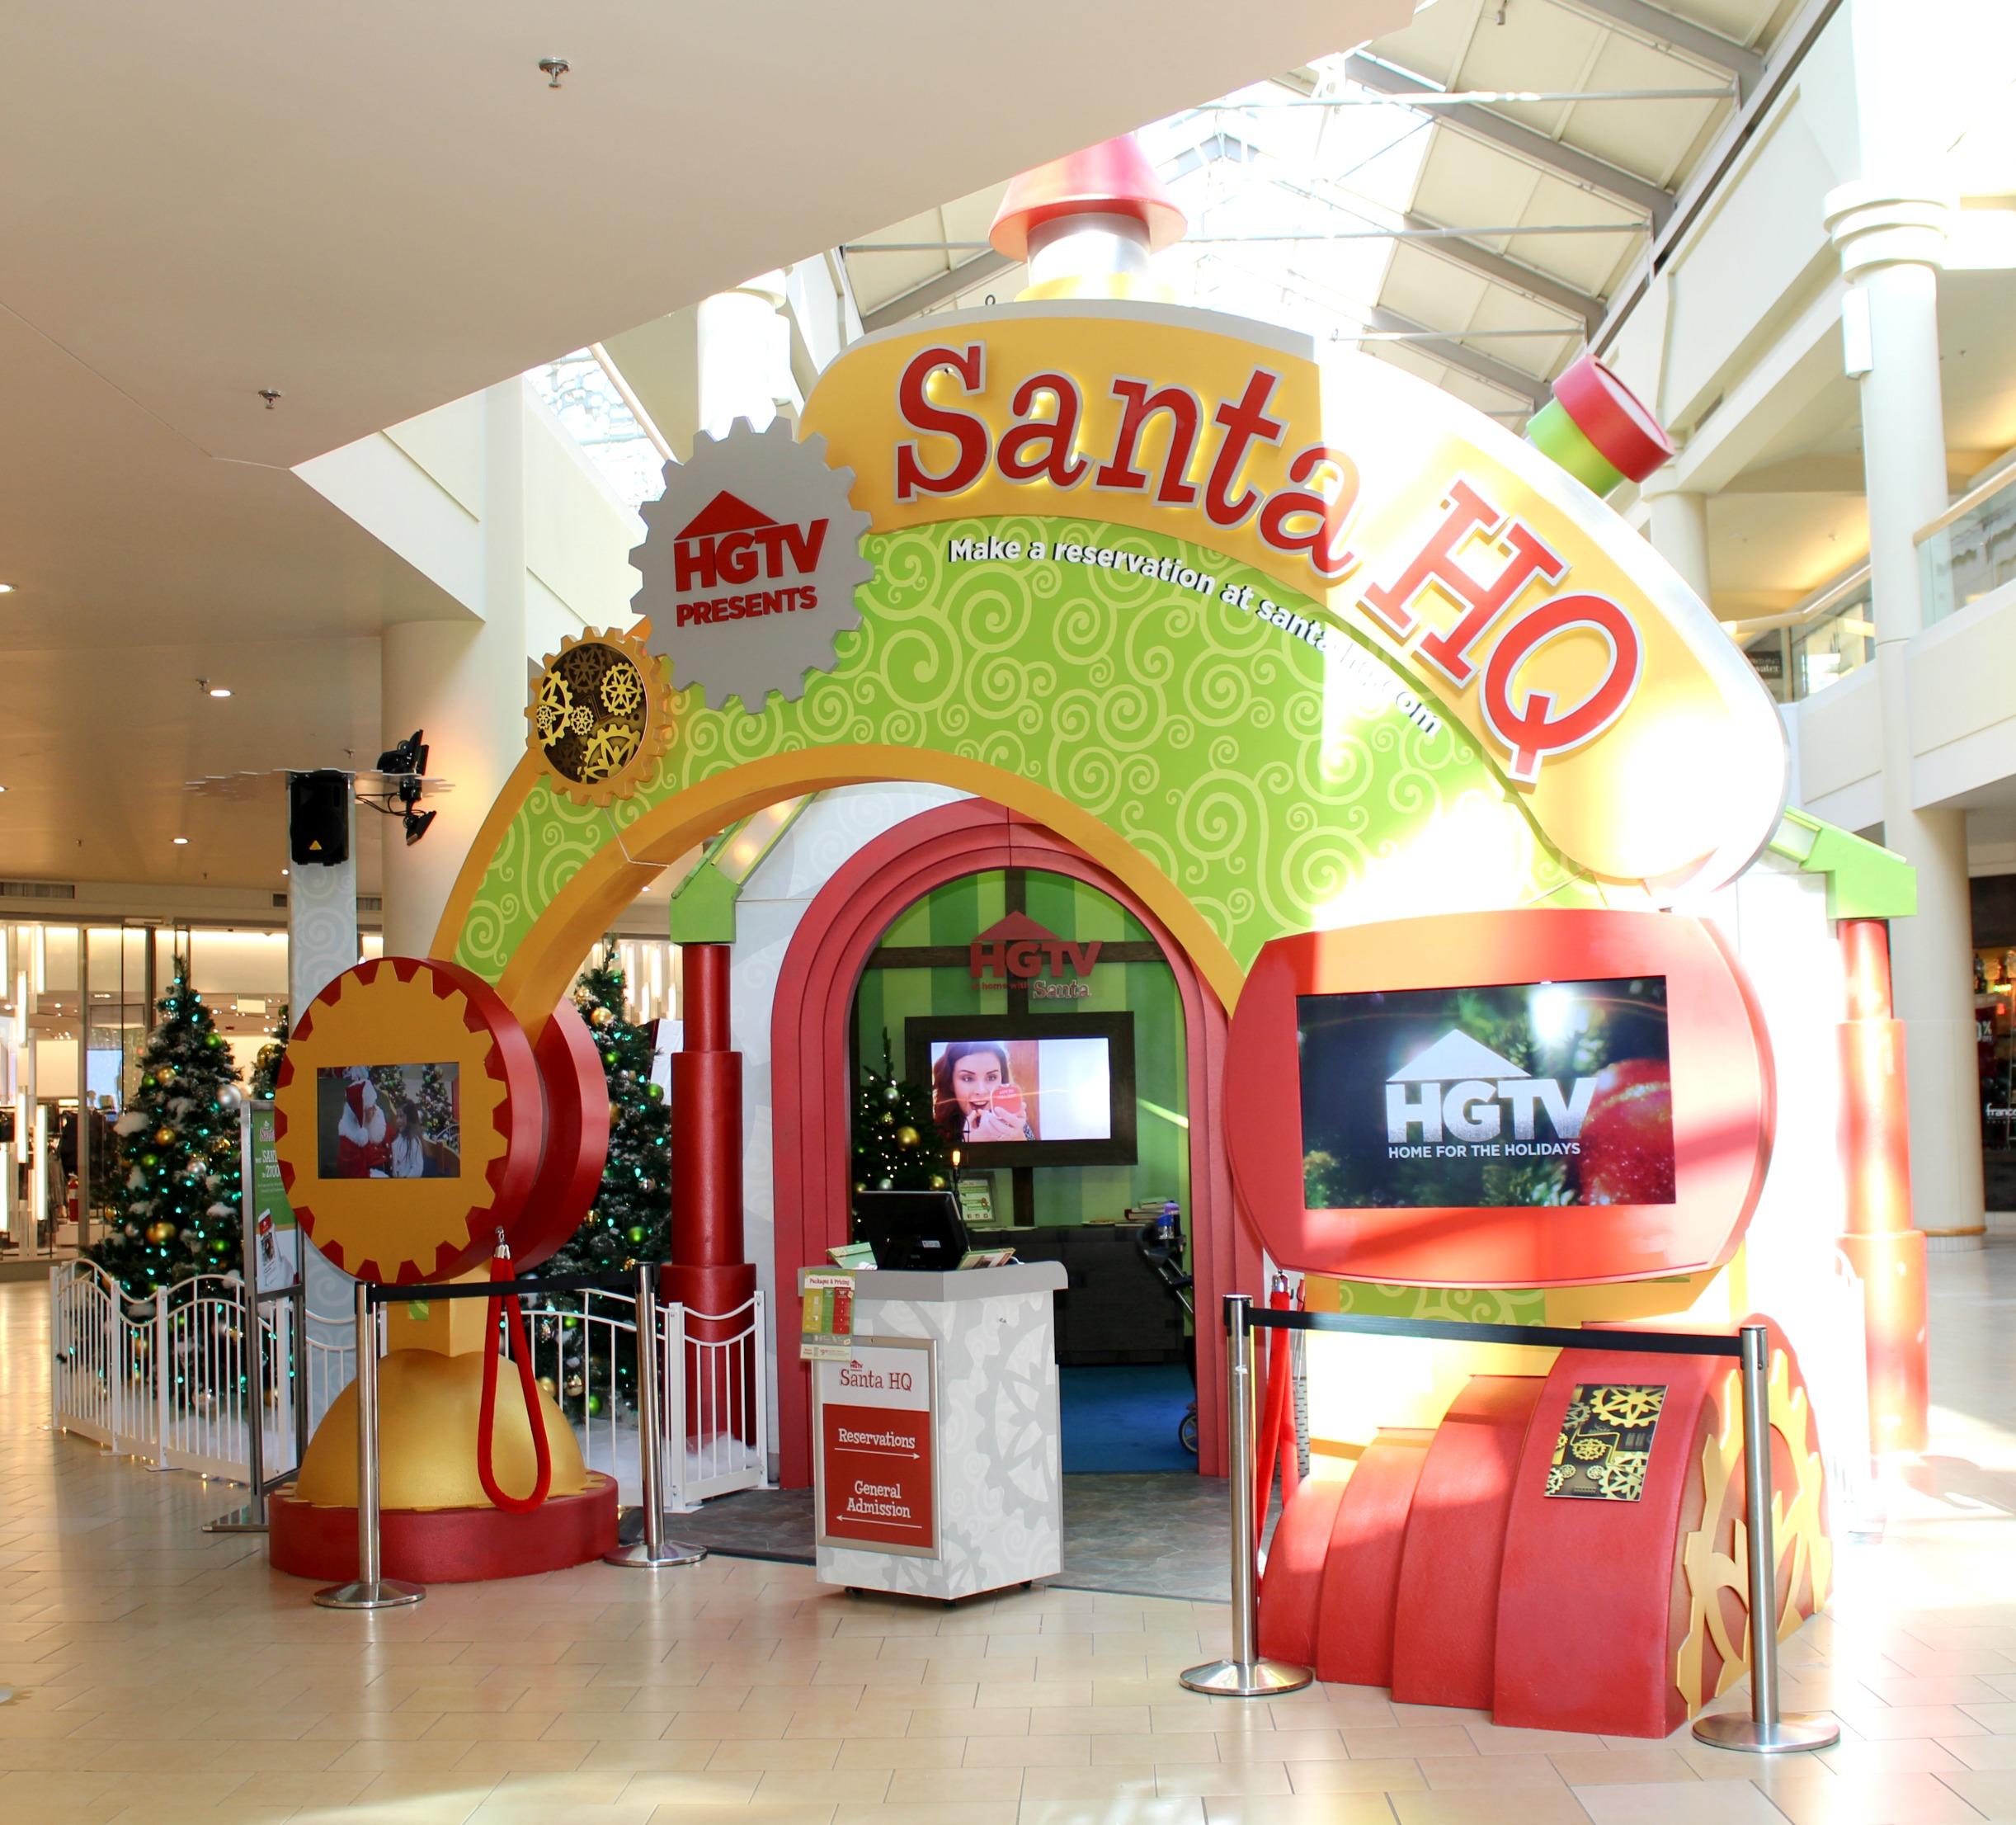 HGTV'S SANTA HQ